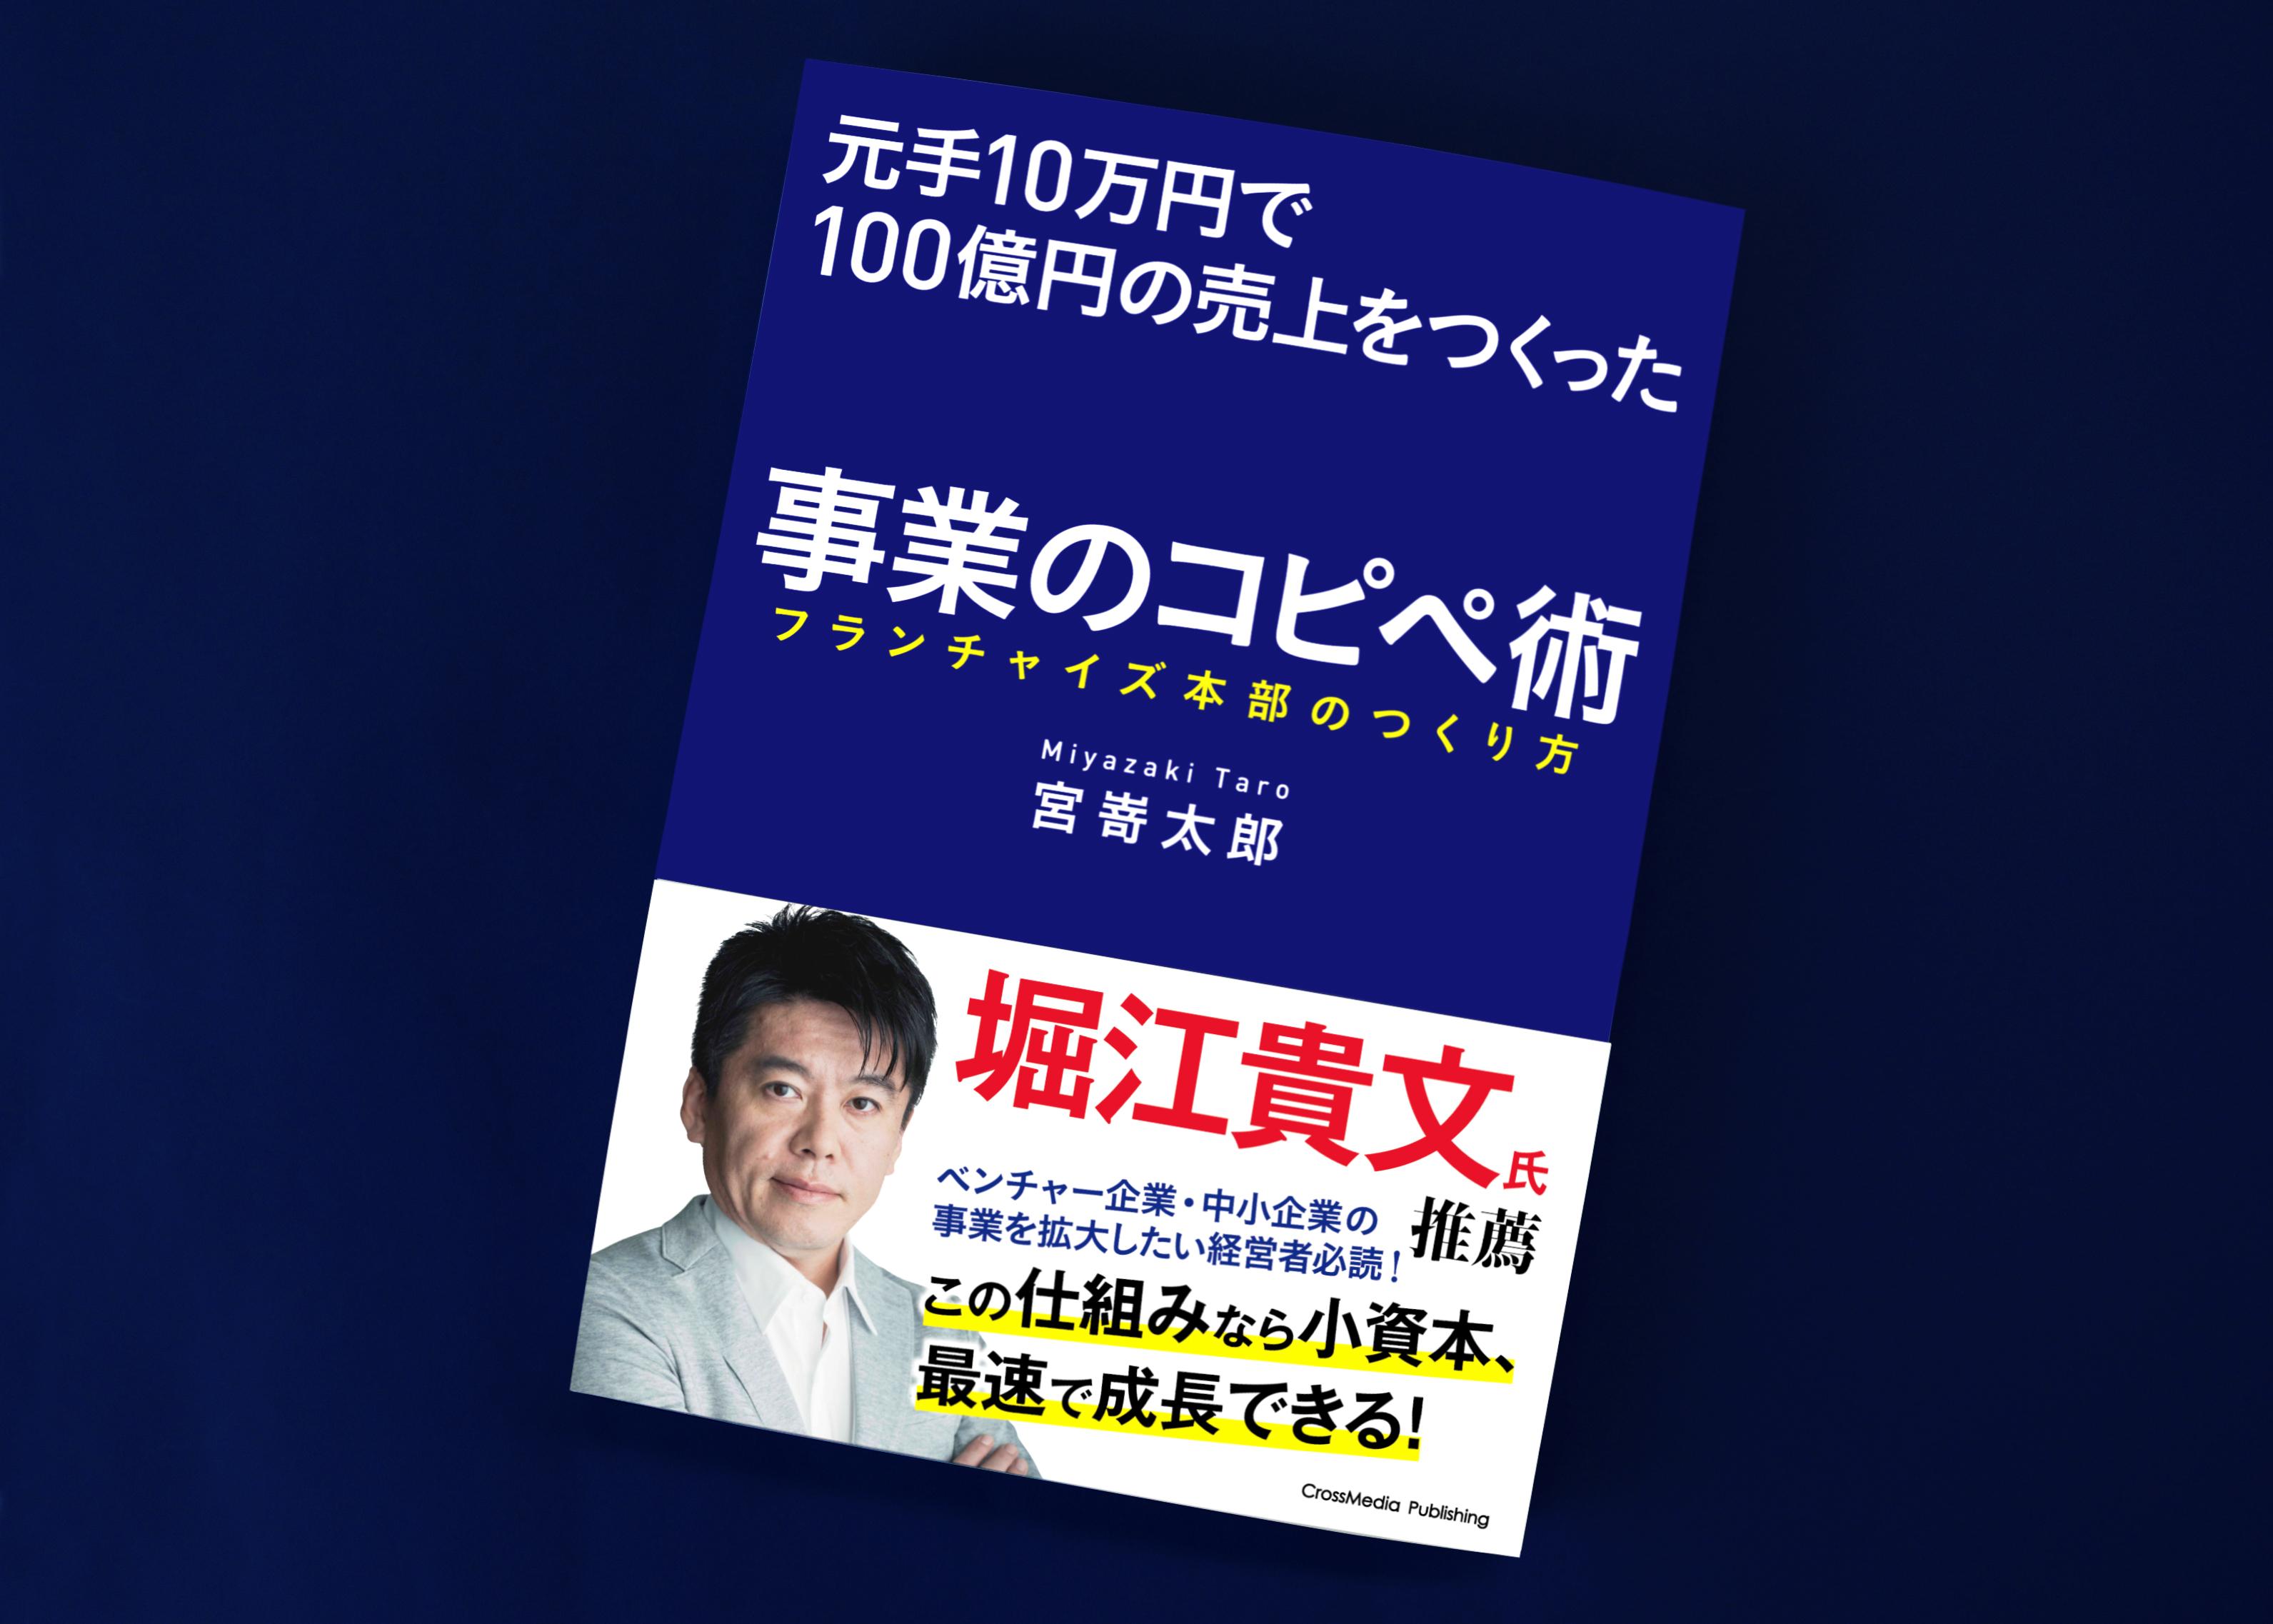 元手10万円で100億円の売上をつくった事業のコピペ術